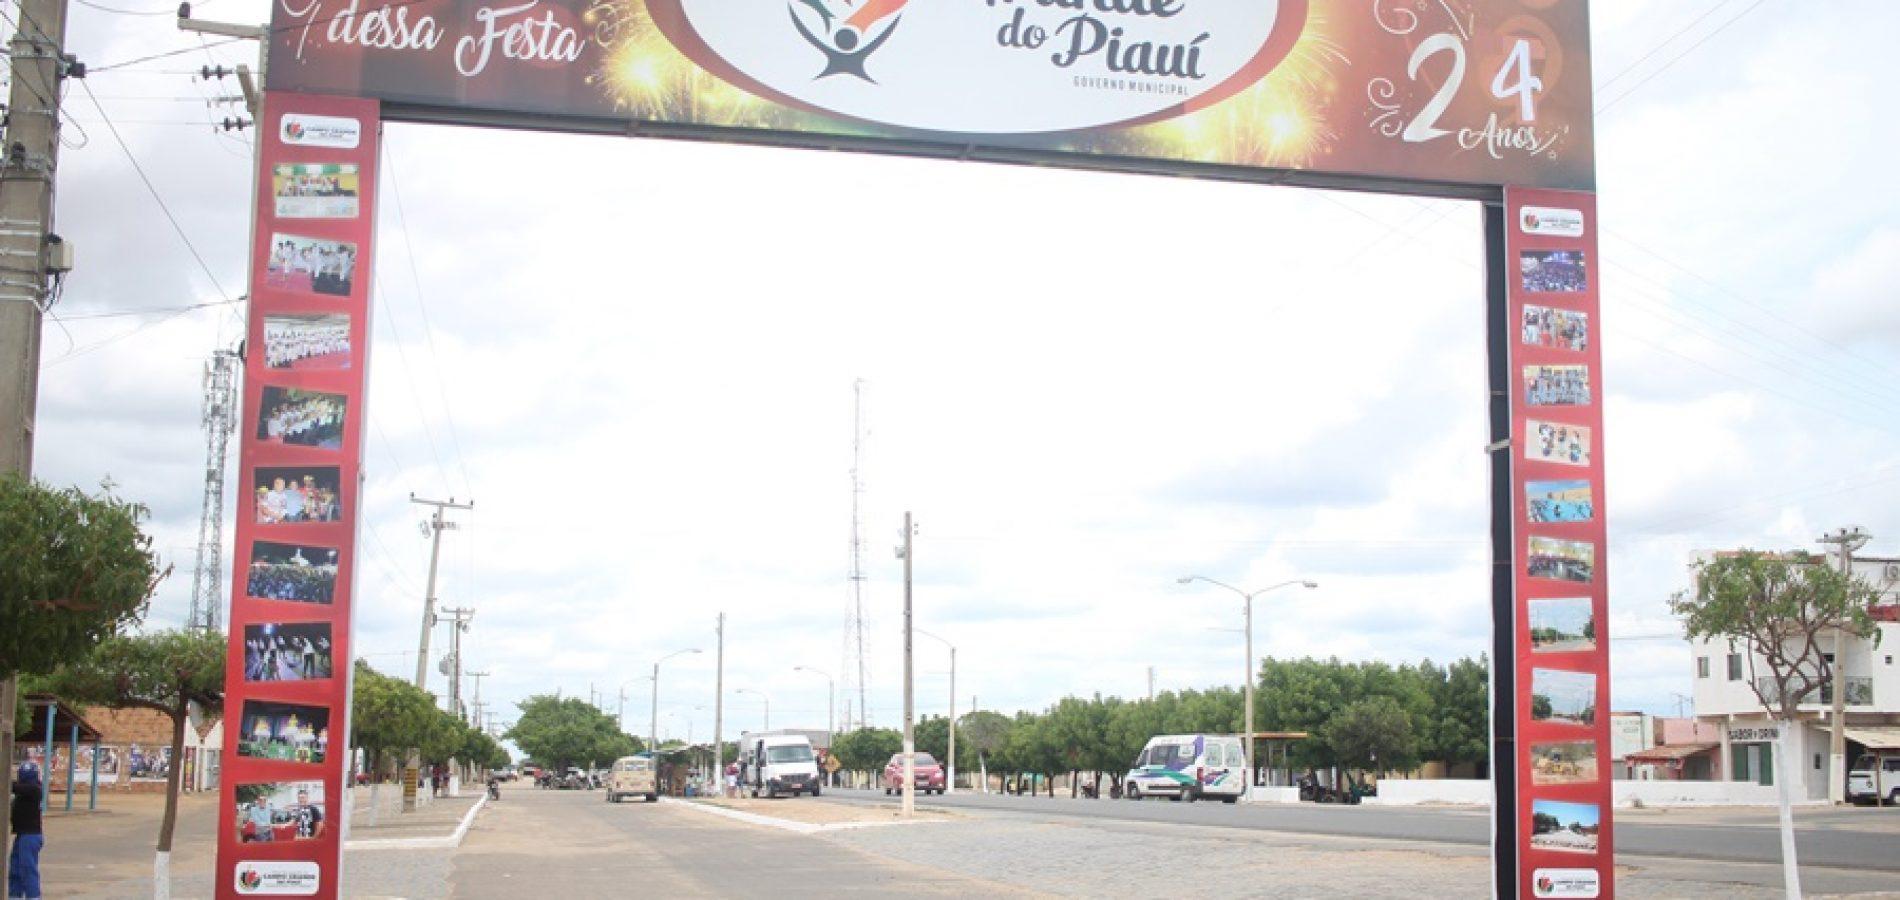 CAMPO GRANDE   Portal de boas-vindas recebe novo layout em alusão ao 24º aniversário do município; Veja fotos